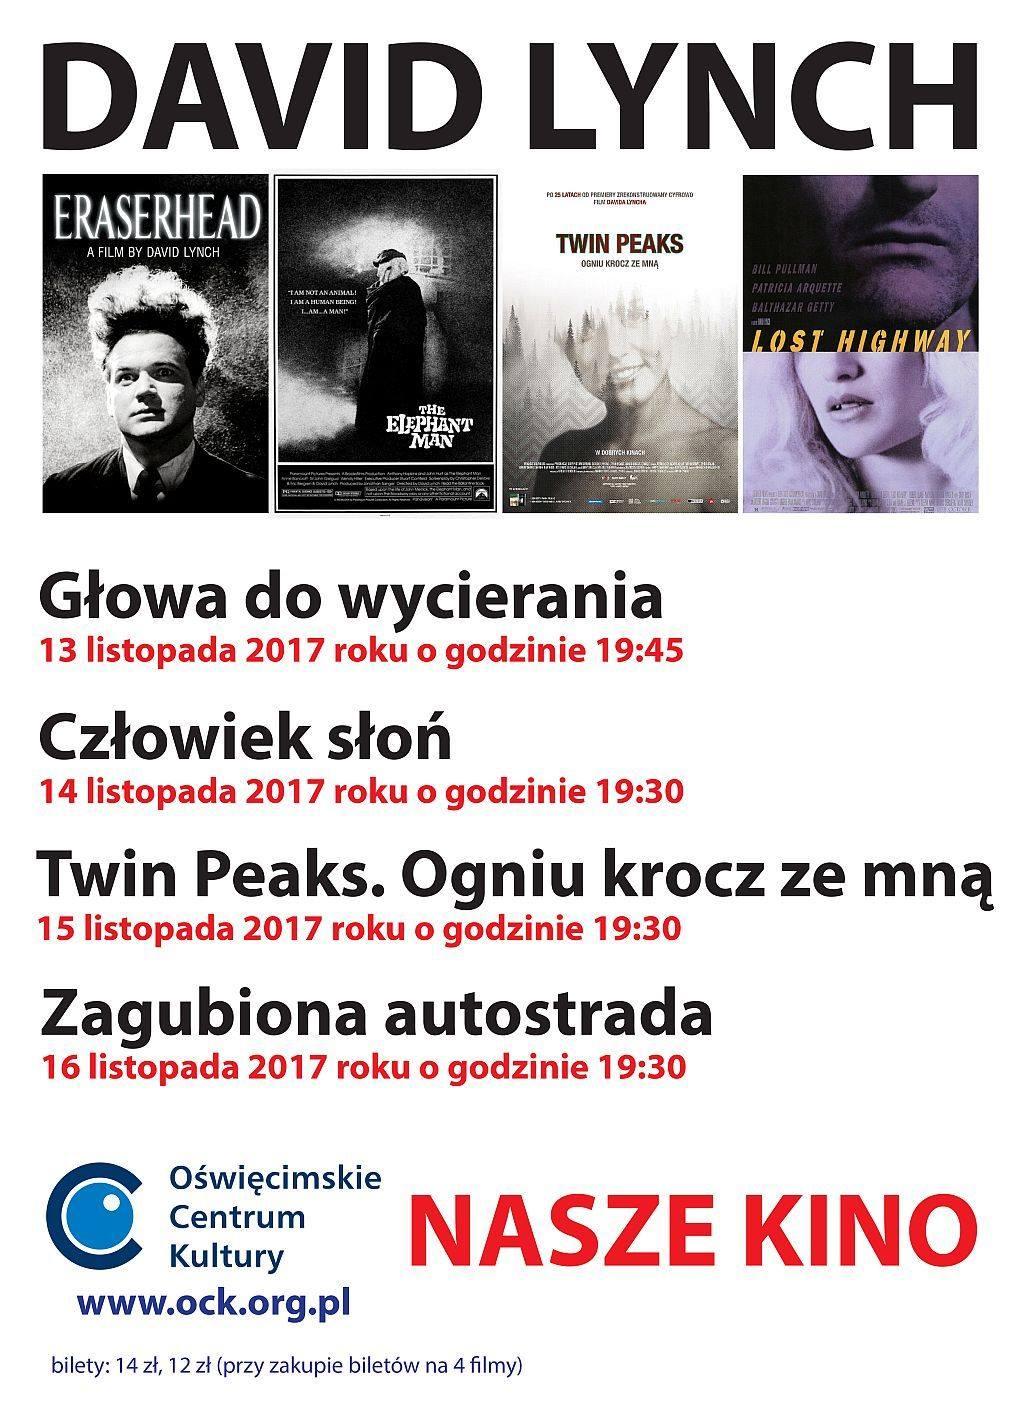 Nasze Kino Oświęcimskiego Centrum Kultury zaprasza od 13 do 16 listopada na seanse czterech filmów Davida Lyncha.